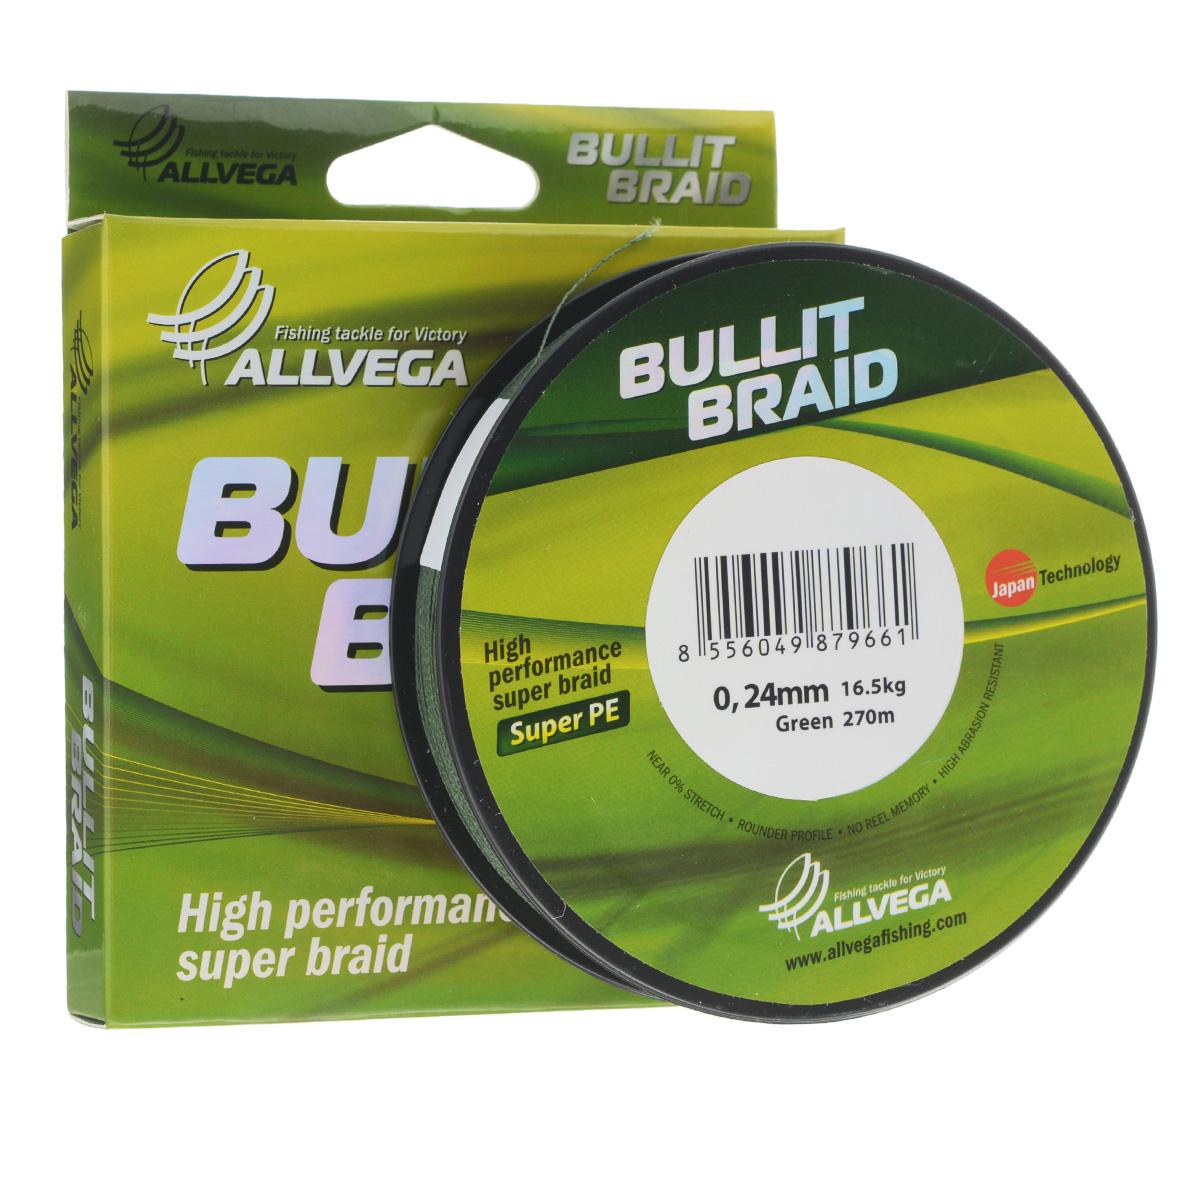 Леска плетеная Allvega Bullit Braid, цвет: темно-зеленый, 270 м, 0,24 мм, 16,5 кг4271825Леска Allvega Bullit Braid с гладкой поверхностью и одинаковым сечением по всей длине обладает высокой износостойкостью. Благодаря микроволокнам полиэтилена (Super PE) леска имеет очень плотное плетение и не впитывает воду. Леску Allvega Bullit Braid можно применять в любых типах водоемов. Особенности:повышенная износостойкость;высокая чувствительность - коэффициент растяжения близок к нулю;отсутствует память; идеально гладкая поверхность позволяет увеличить дальность забросов; высокая прочность шнура на узлах.